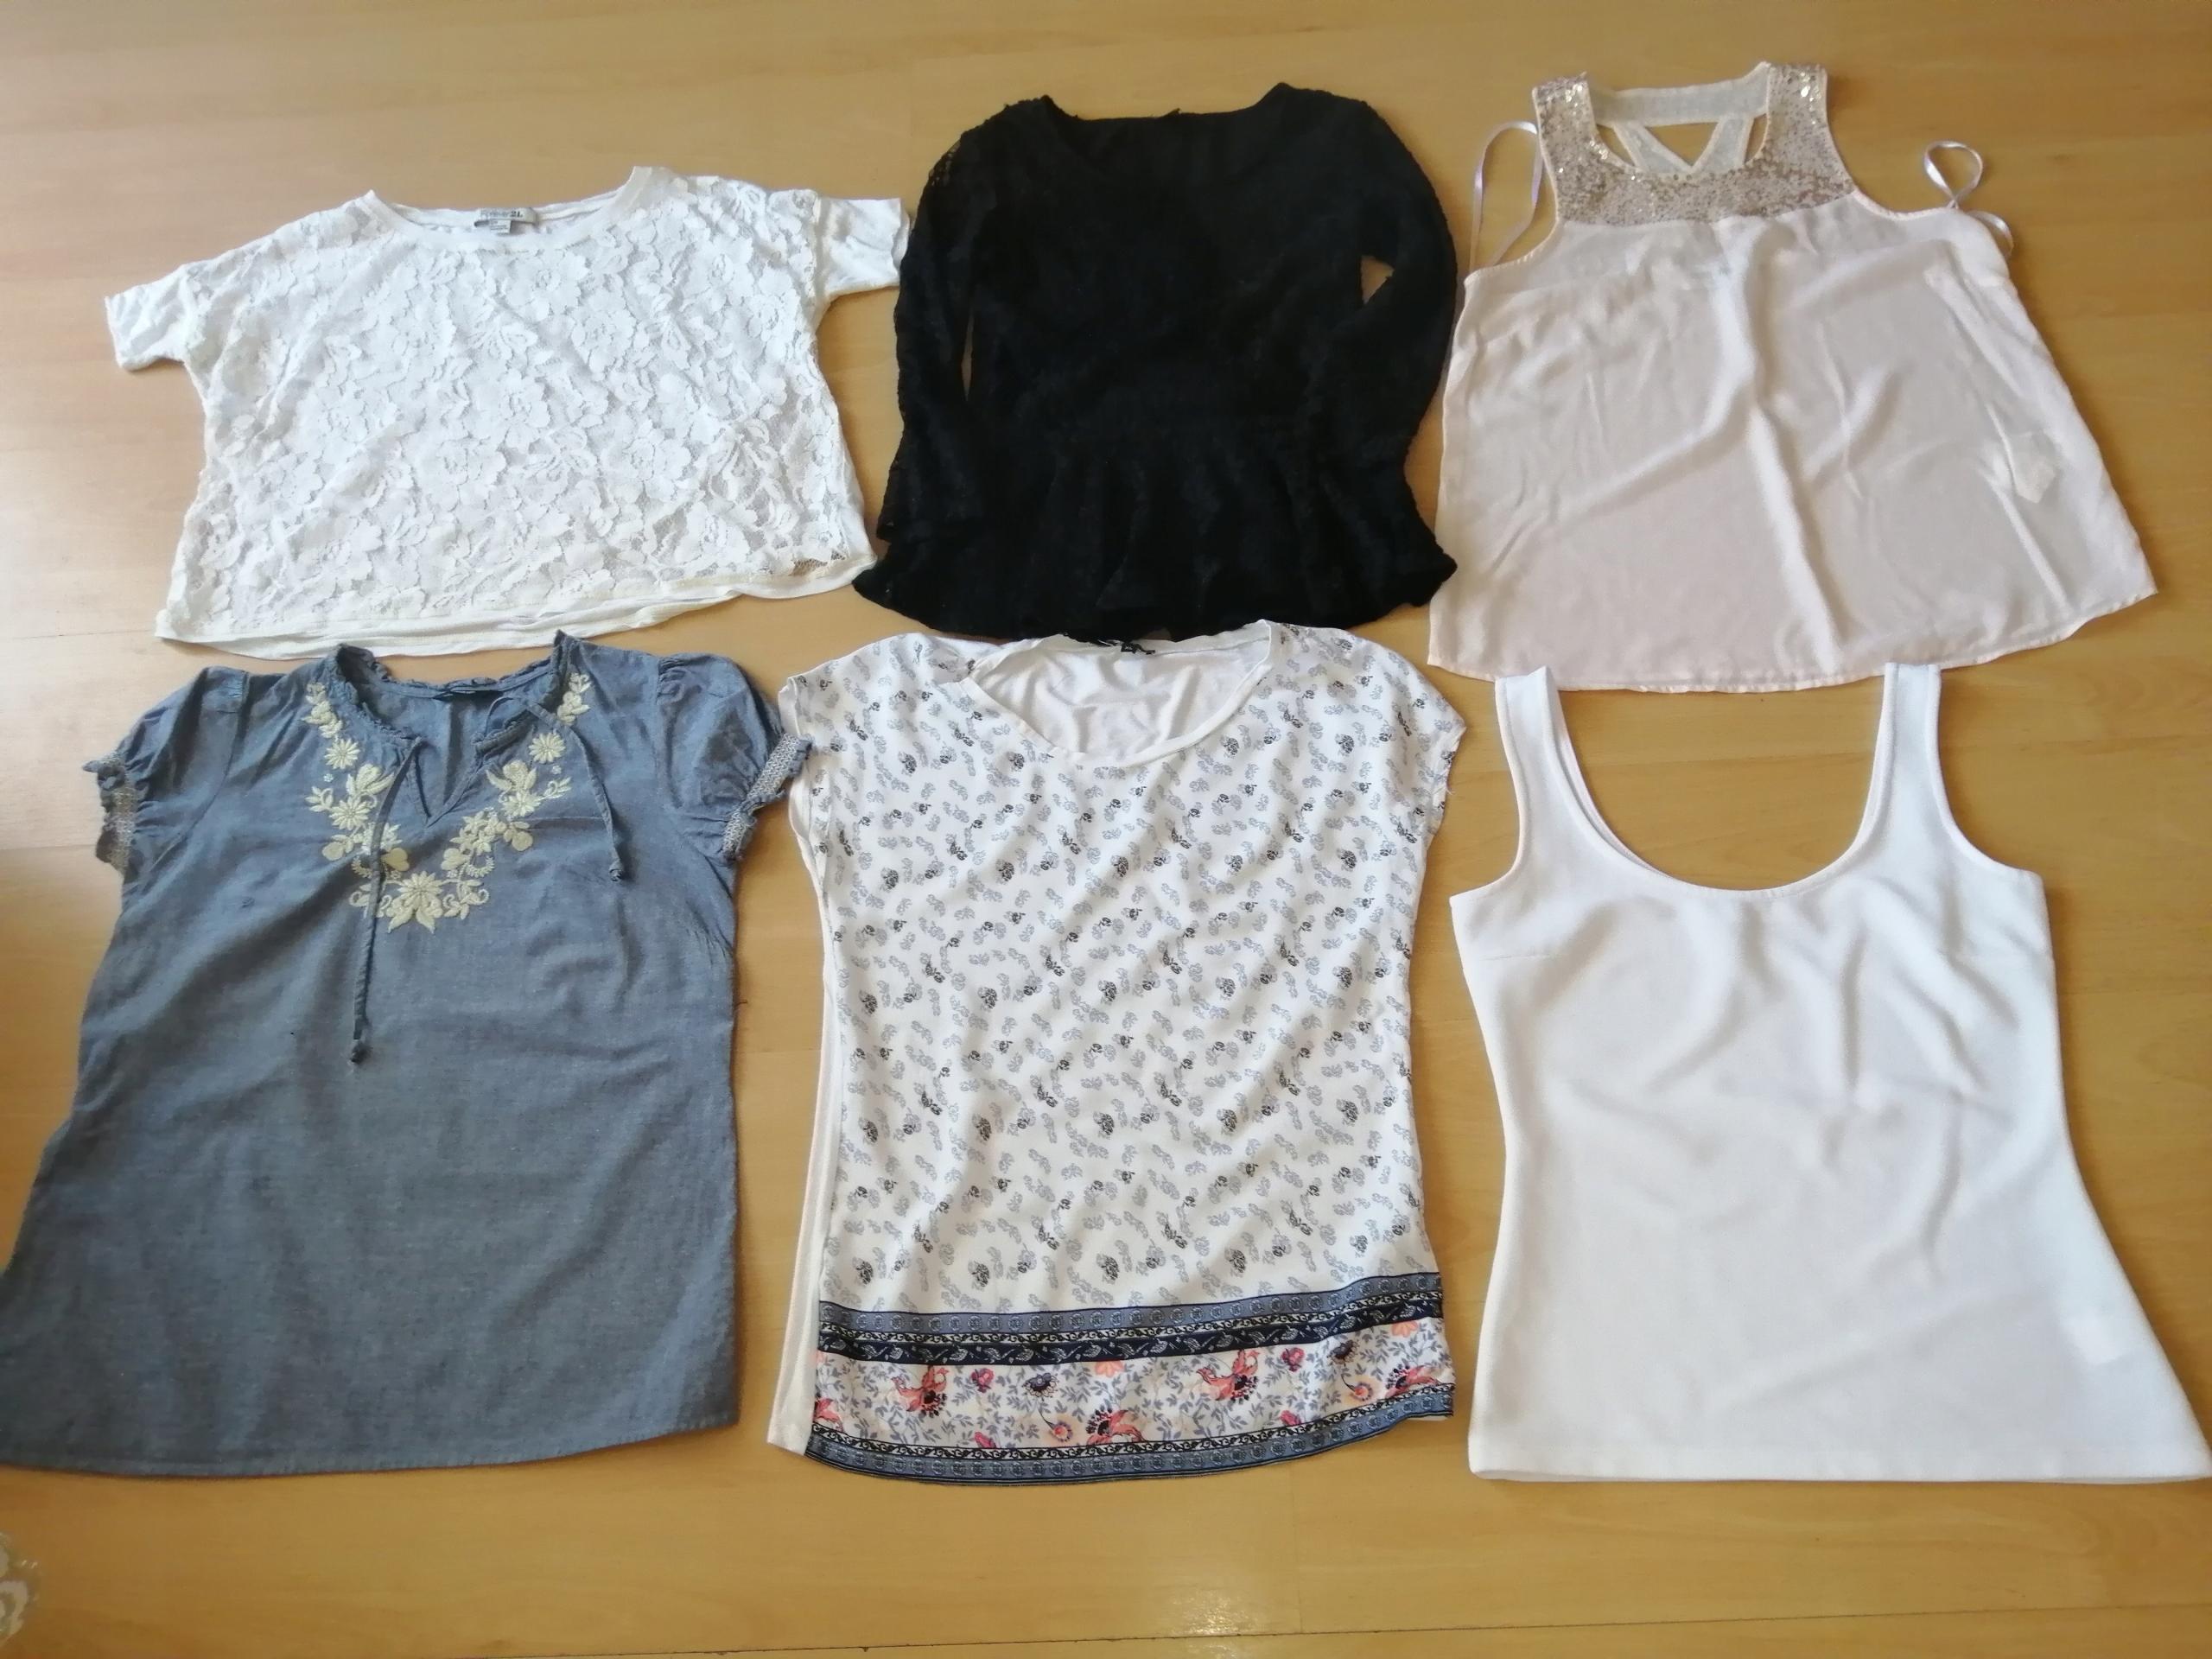 Bluzki 6 sztuk rozmiar 36-małe 38